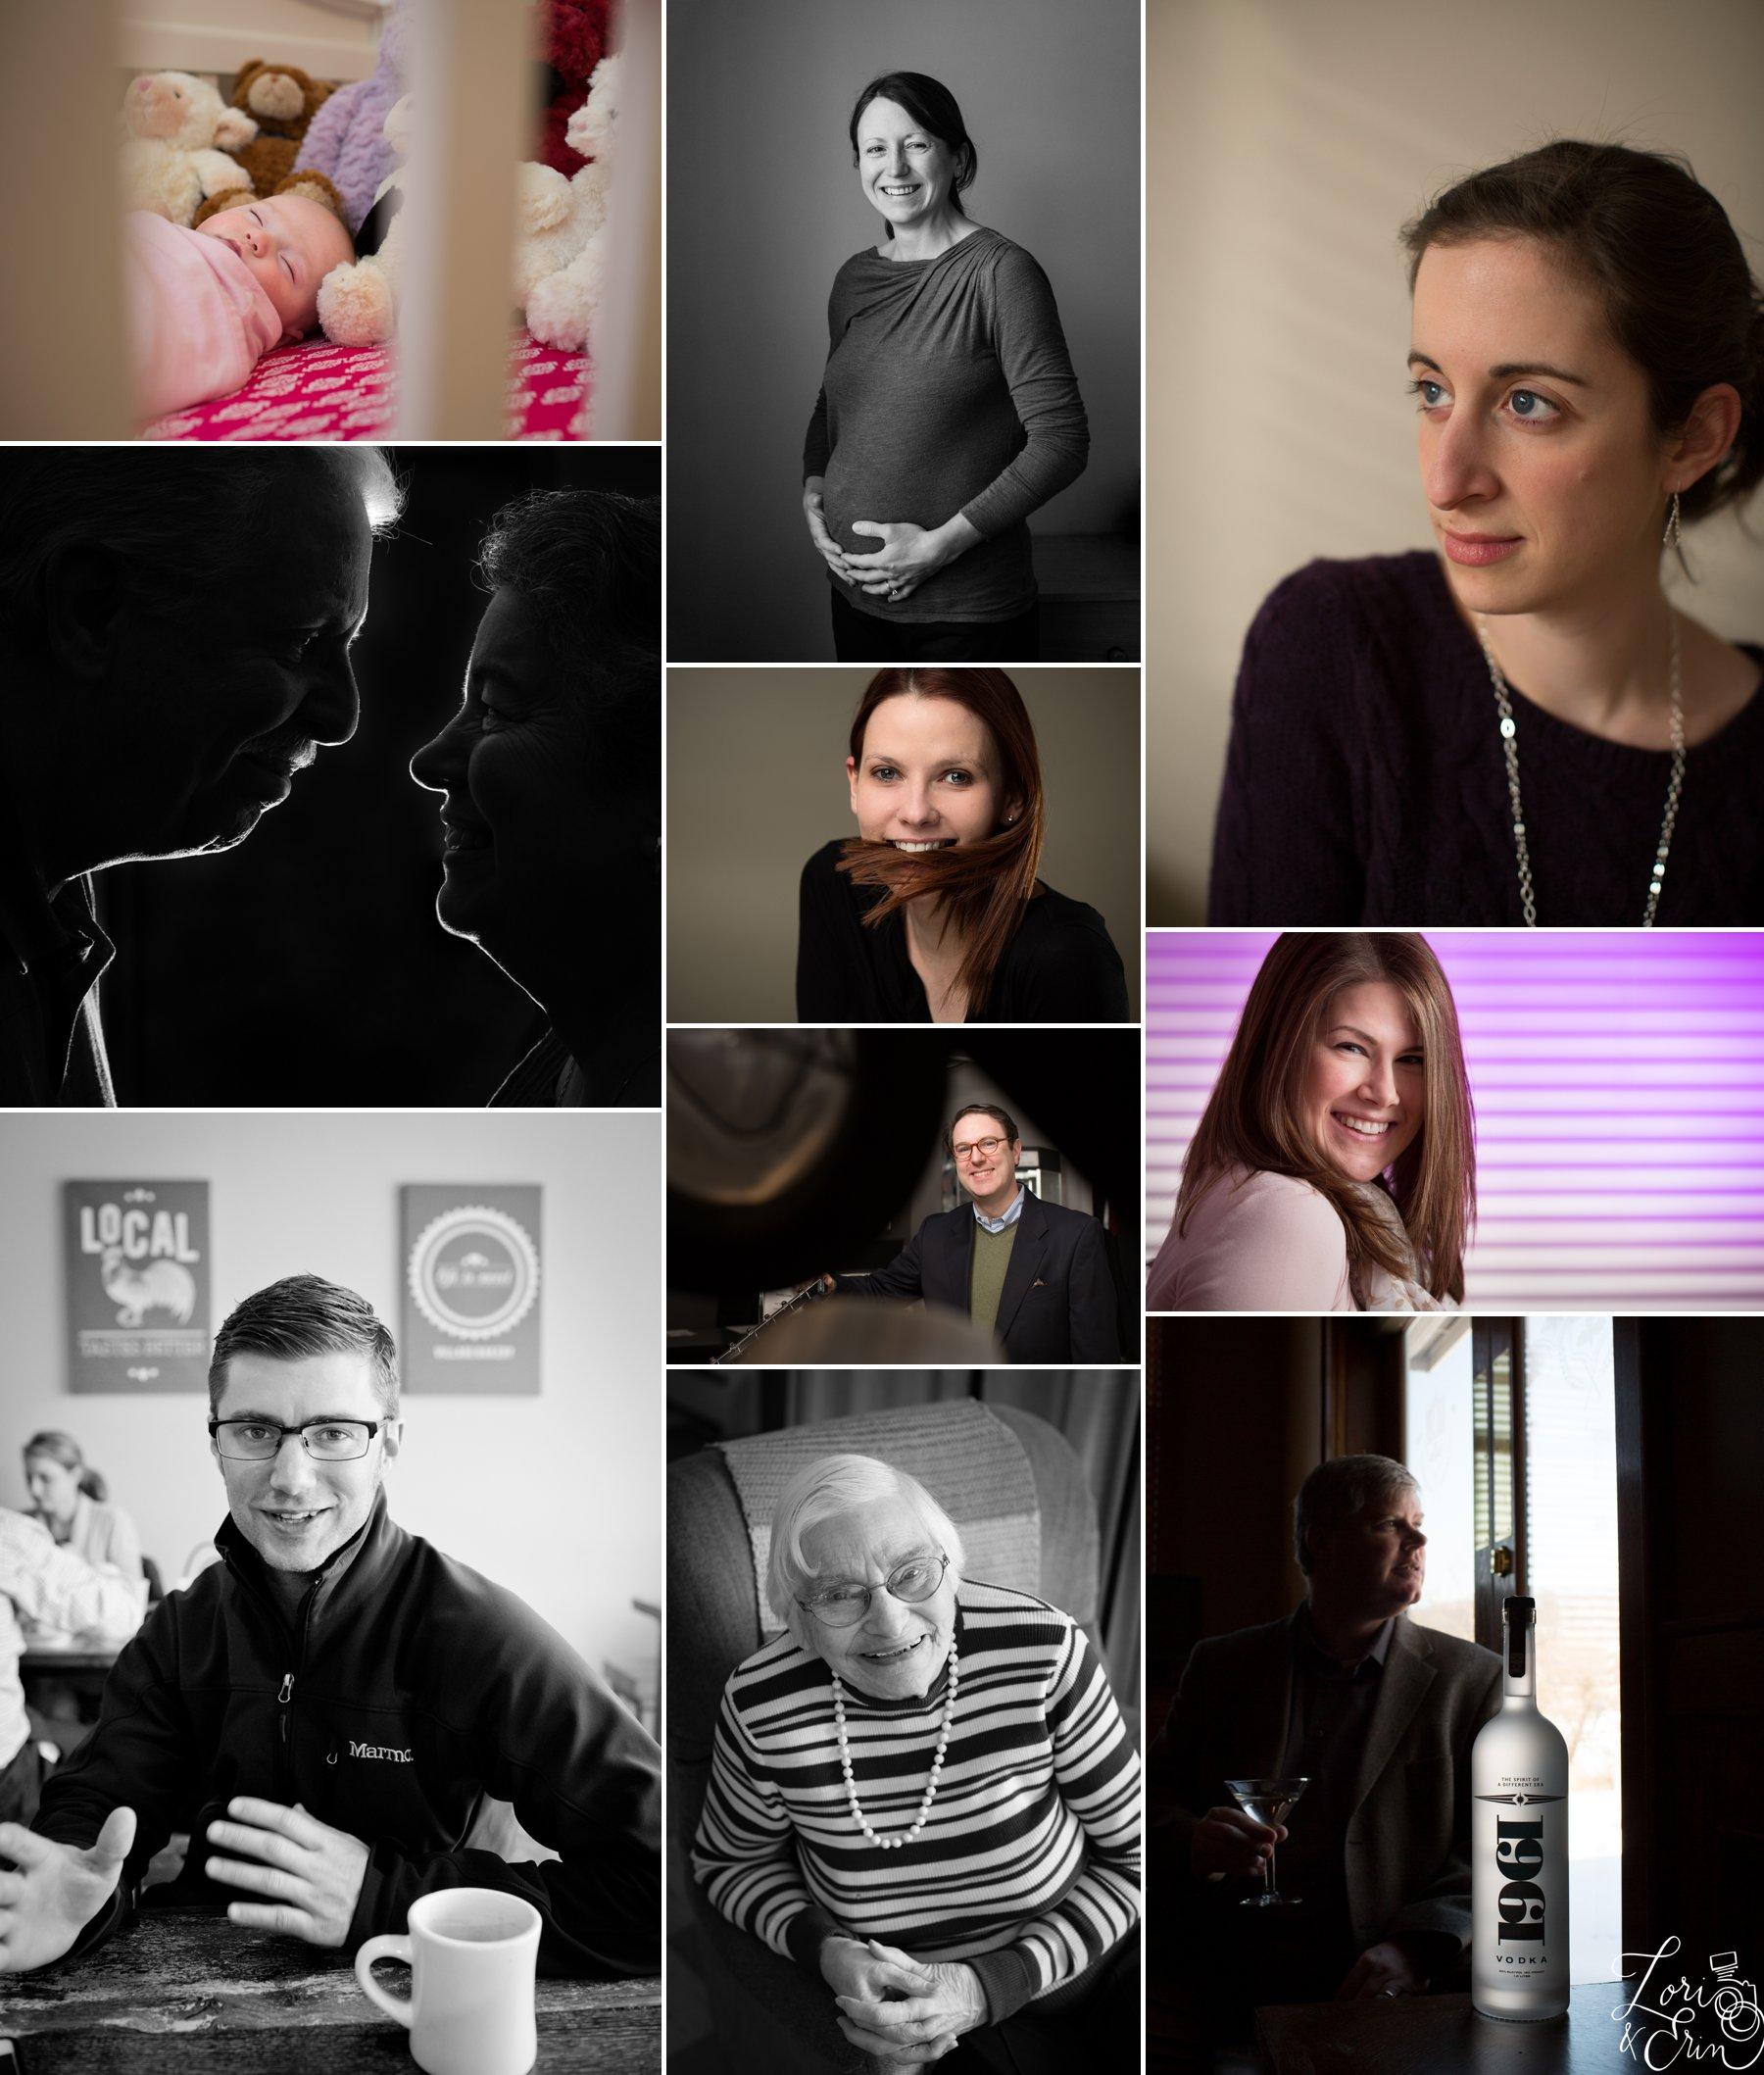 portraits sampling